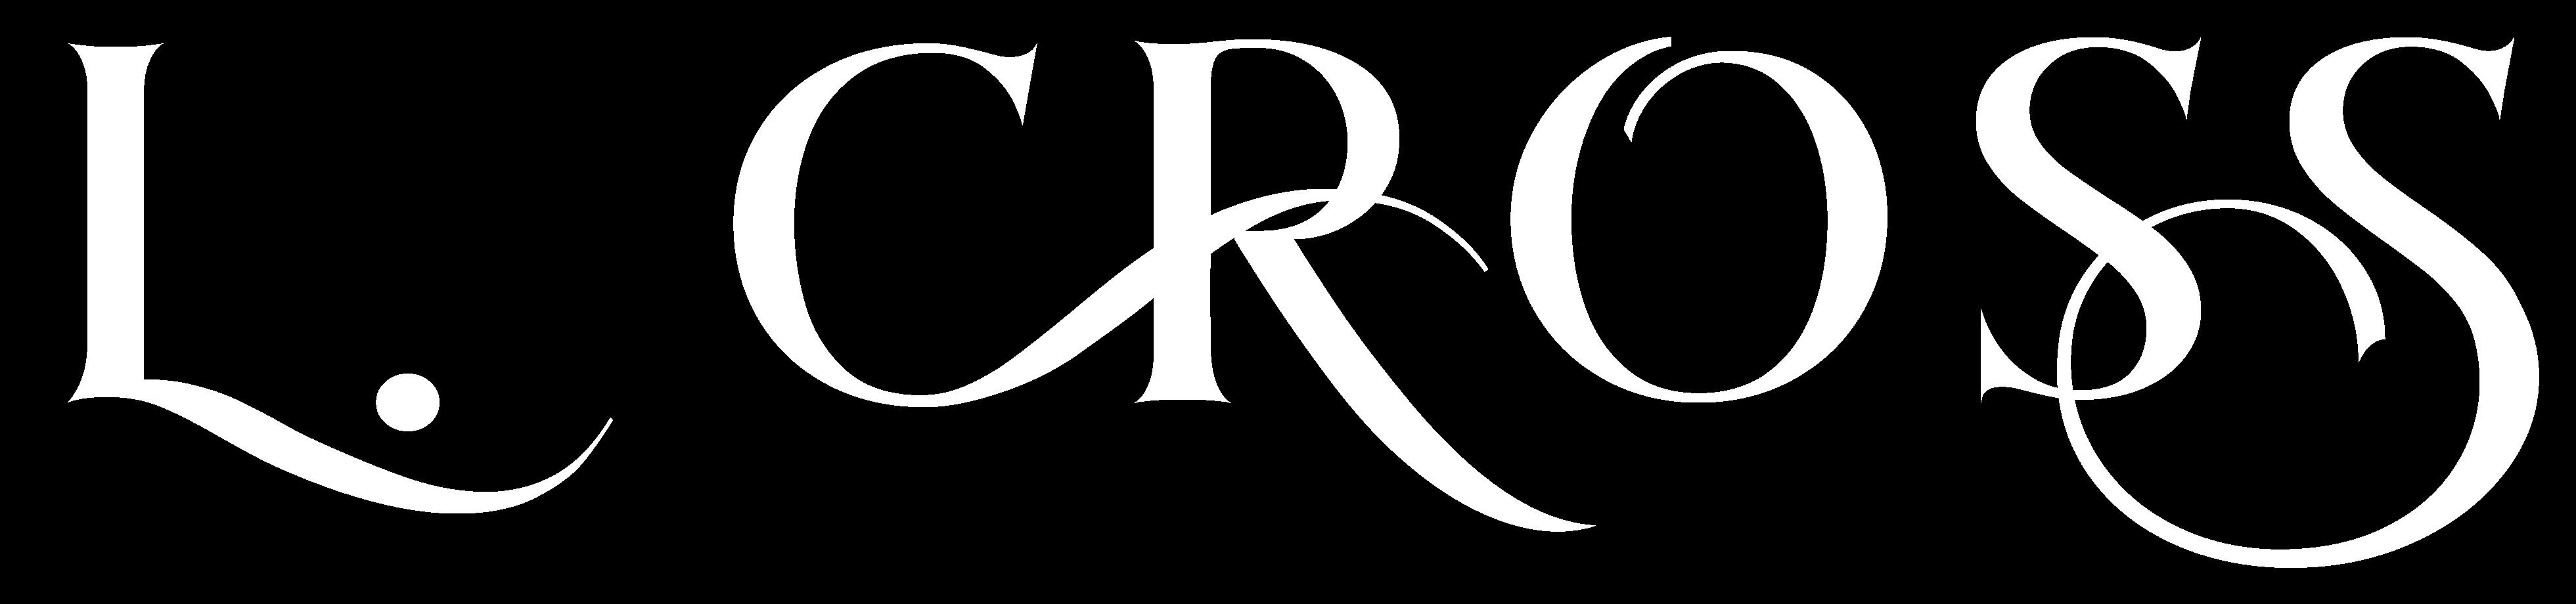 L Cross